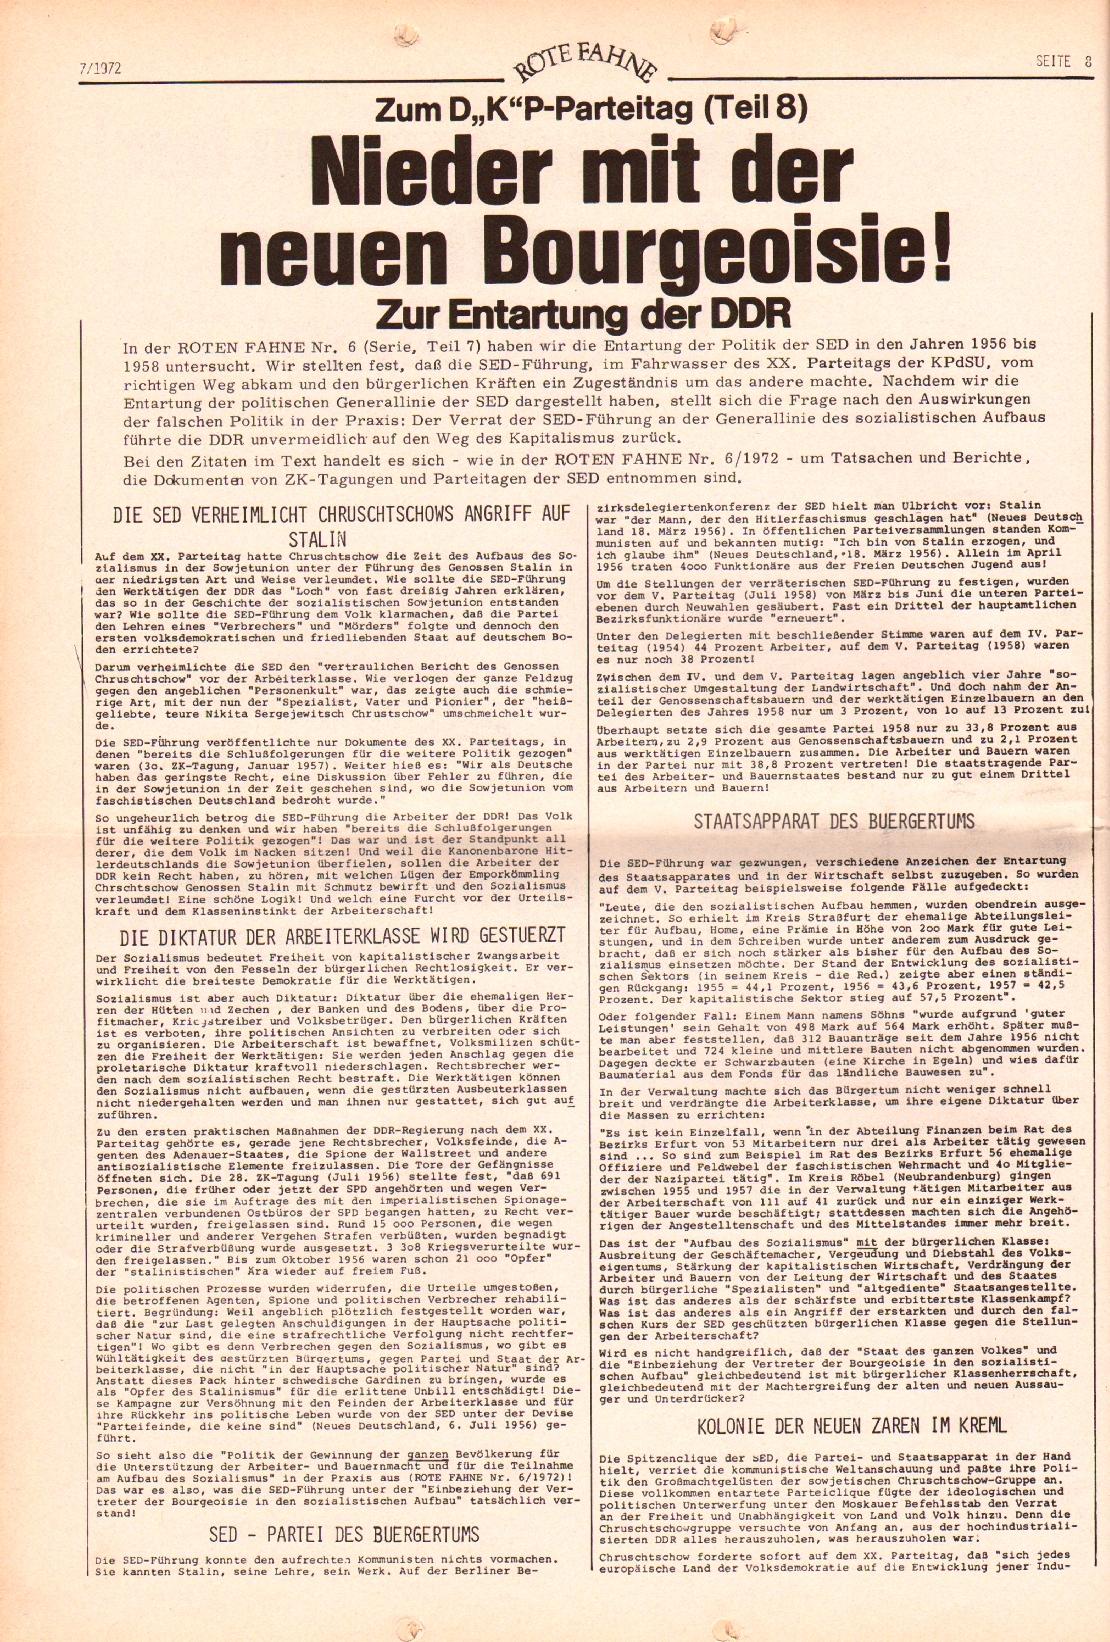 Rote Fahne, 3. Jg., 3.4.1972, Nr. 7, Seite 8